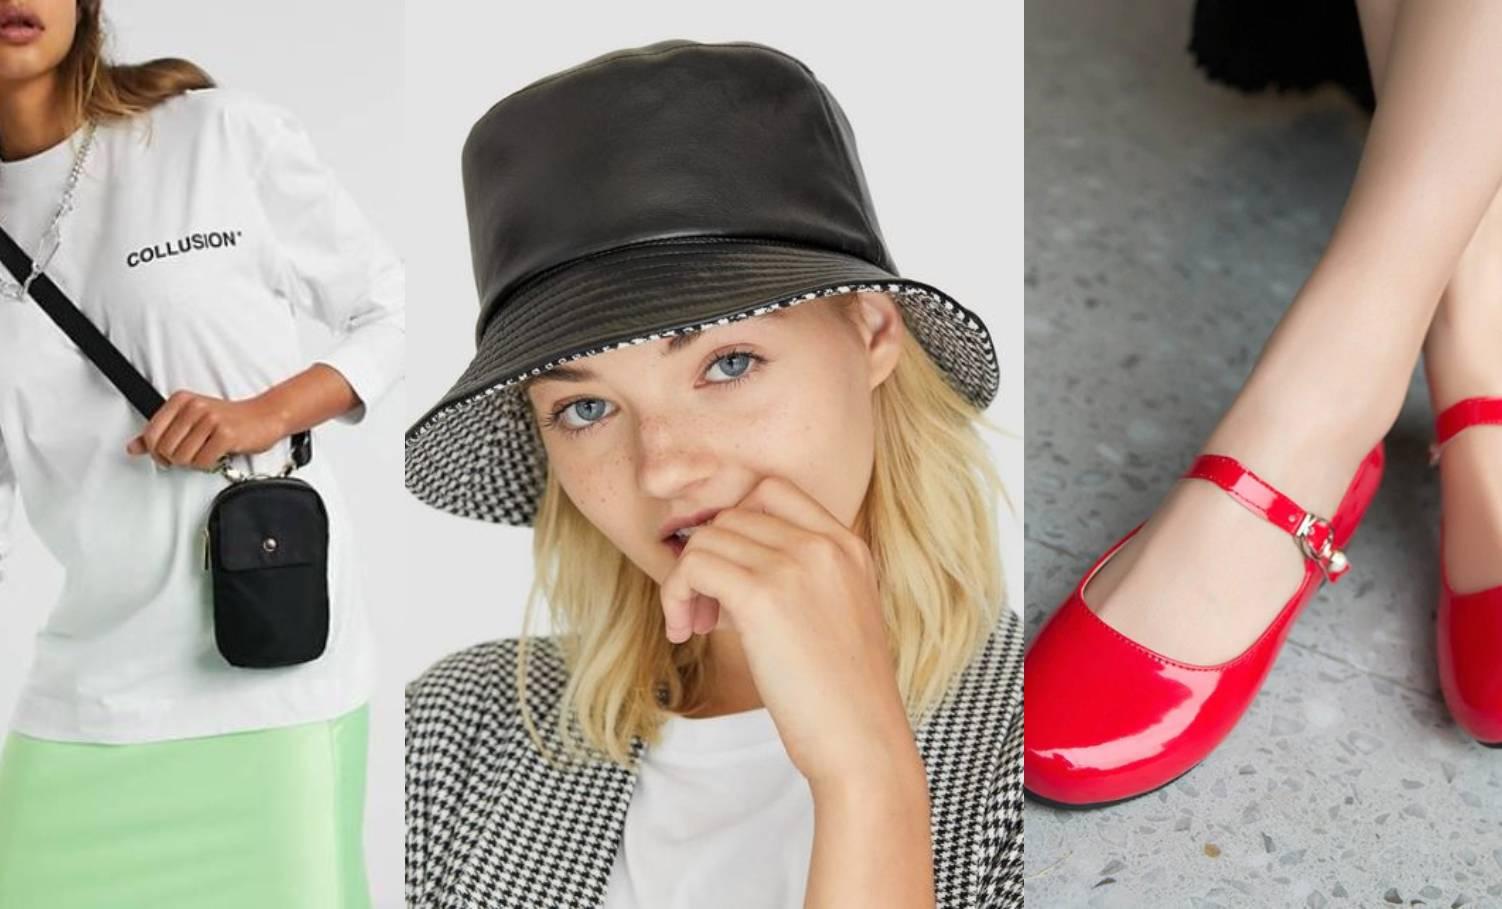 Top ideje za proljetni party: Lakirane sandale, široke hlače...